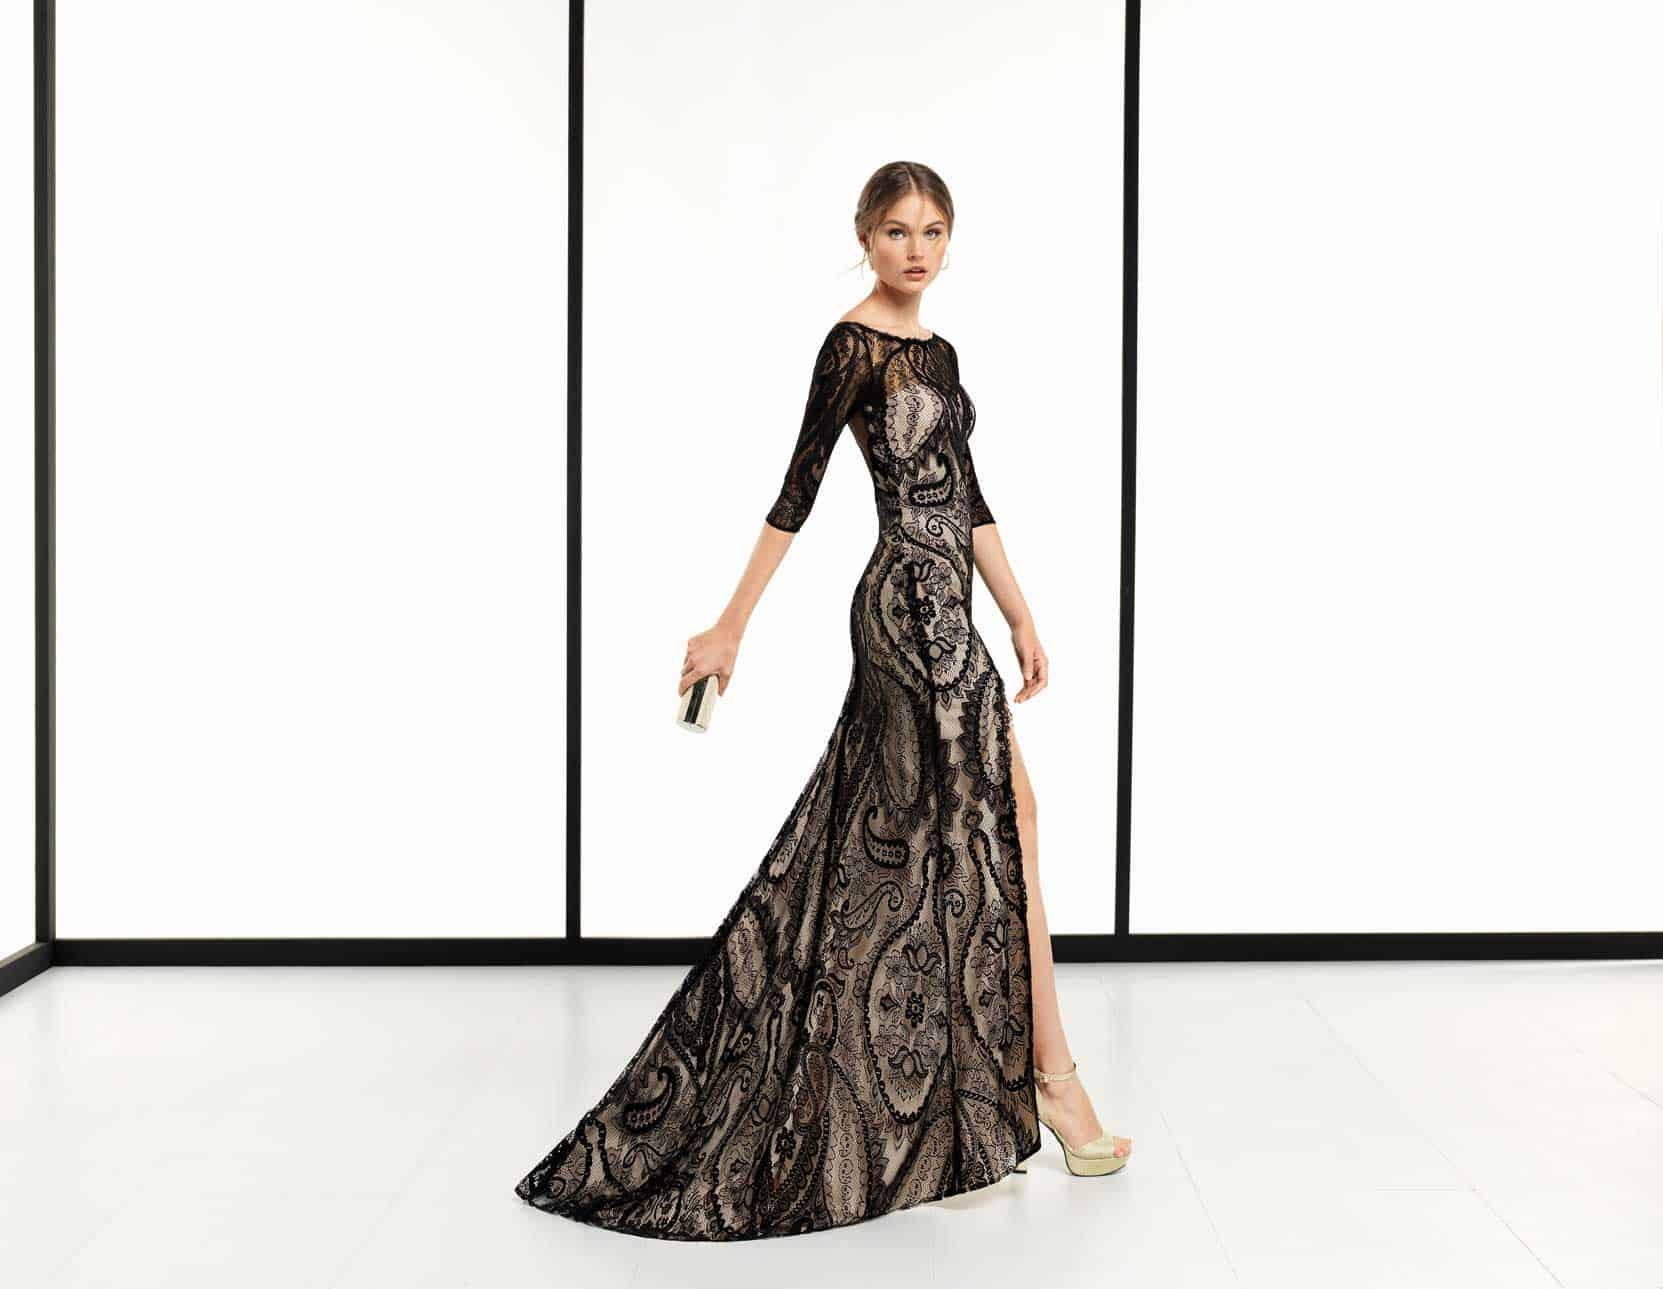 Abend Schön Abendkleid U Ausschnitt Design10 Einzigartig Abendkleid U Ausschnitt Bester Preis